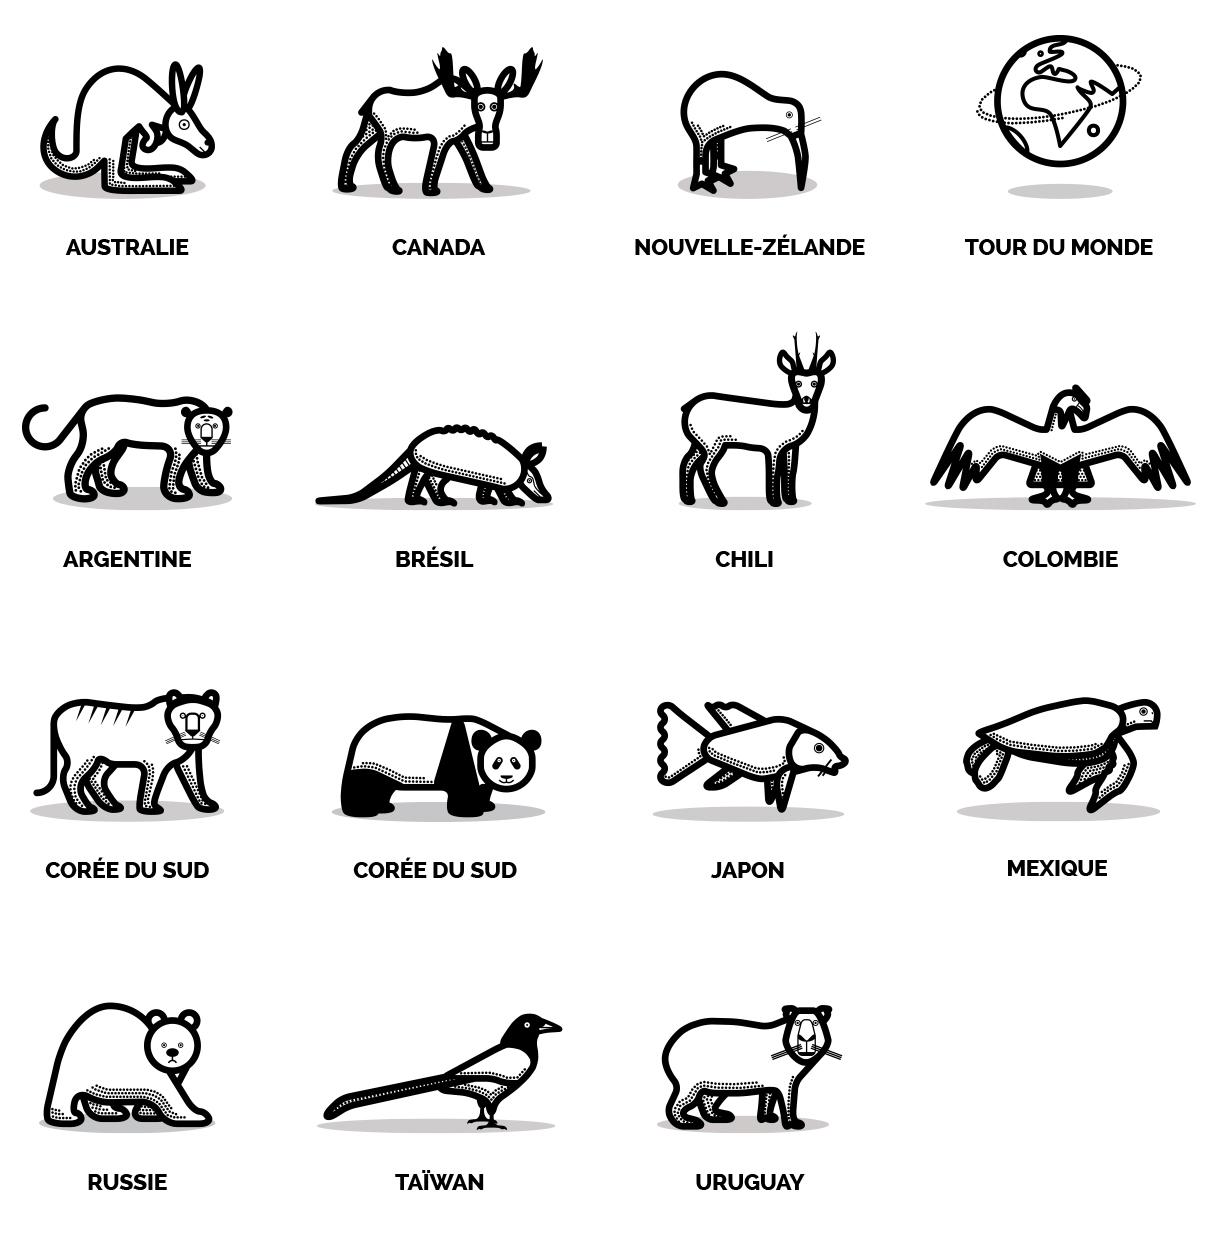 Les animaux qui représentent les pays offrant des PVT